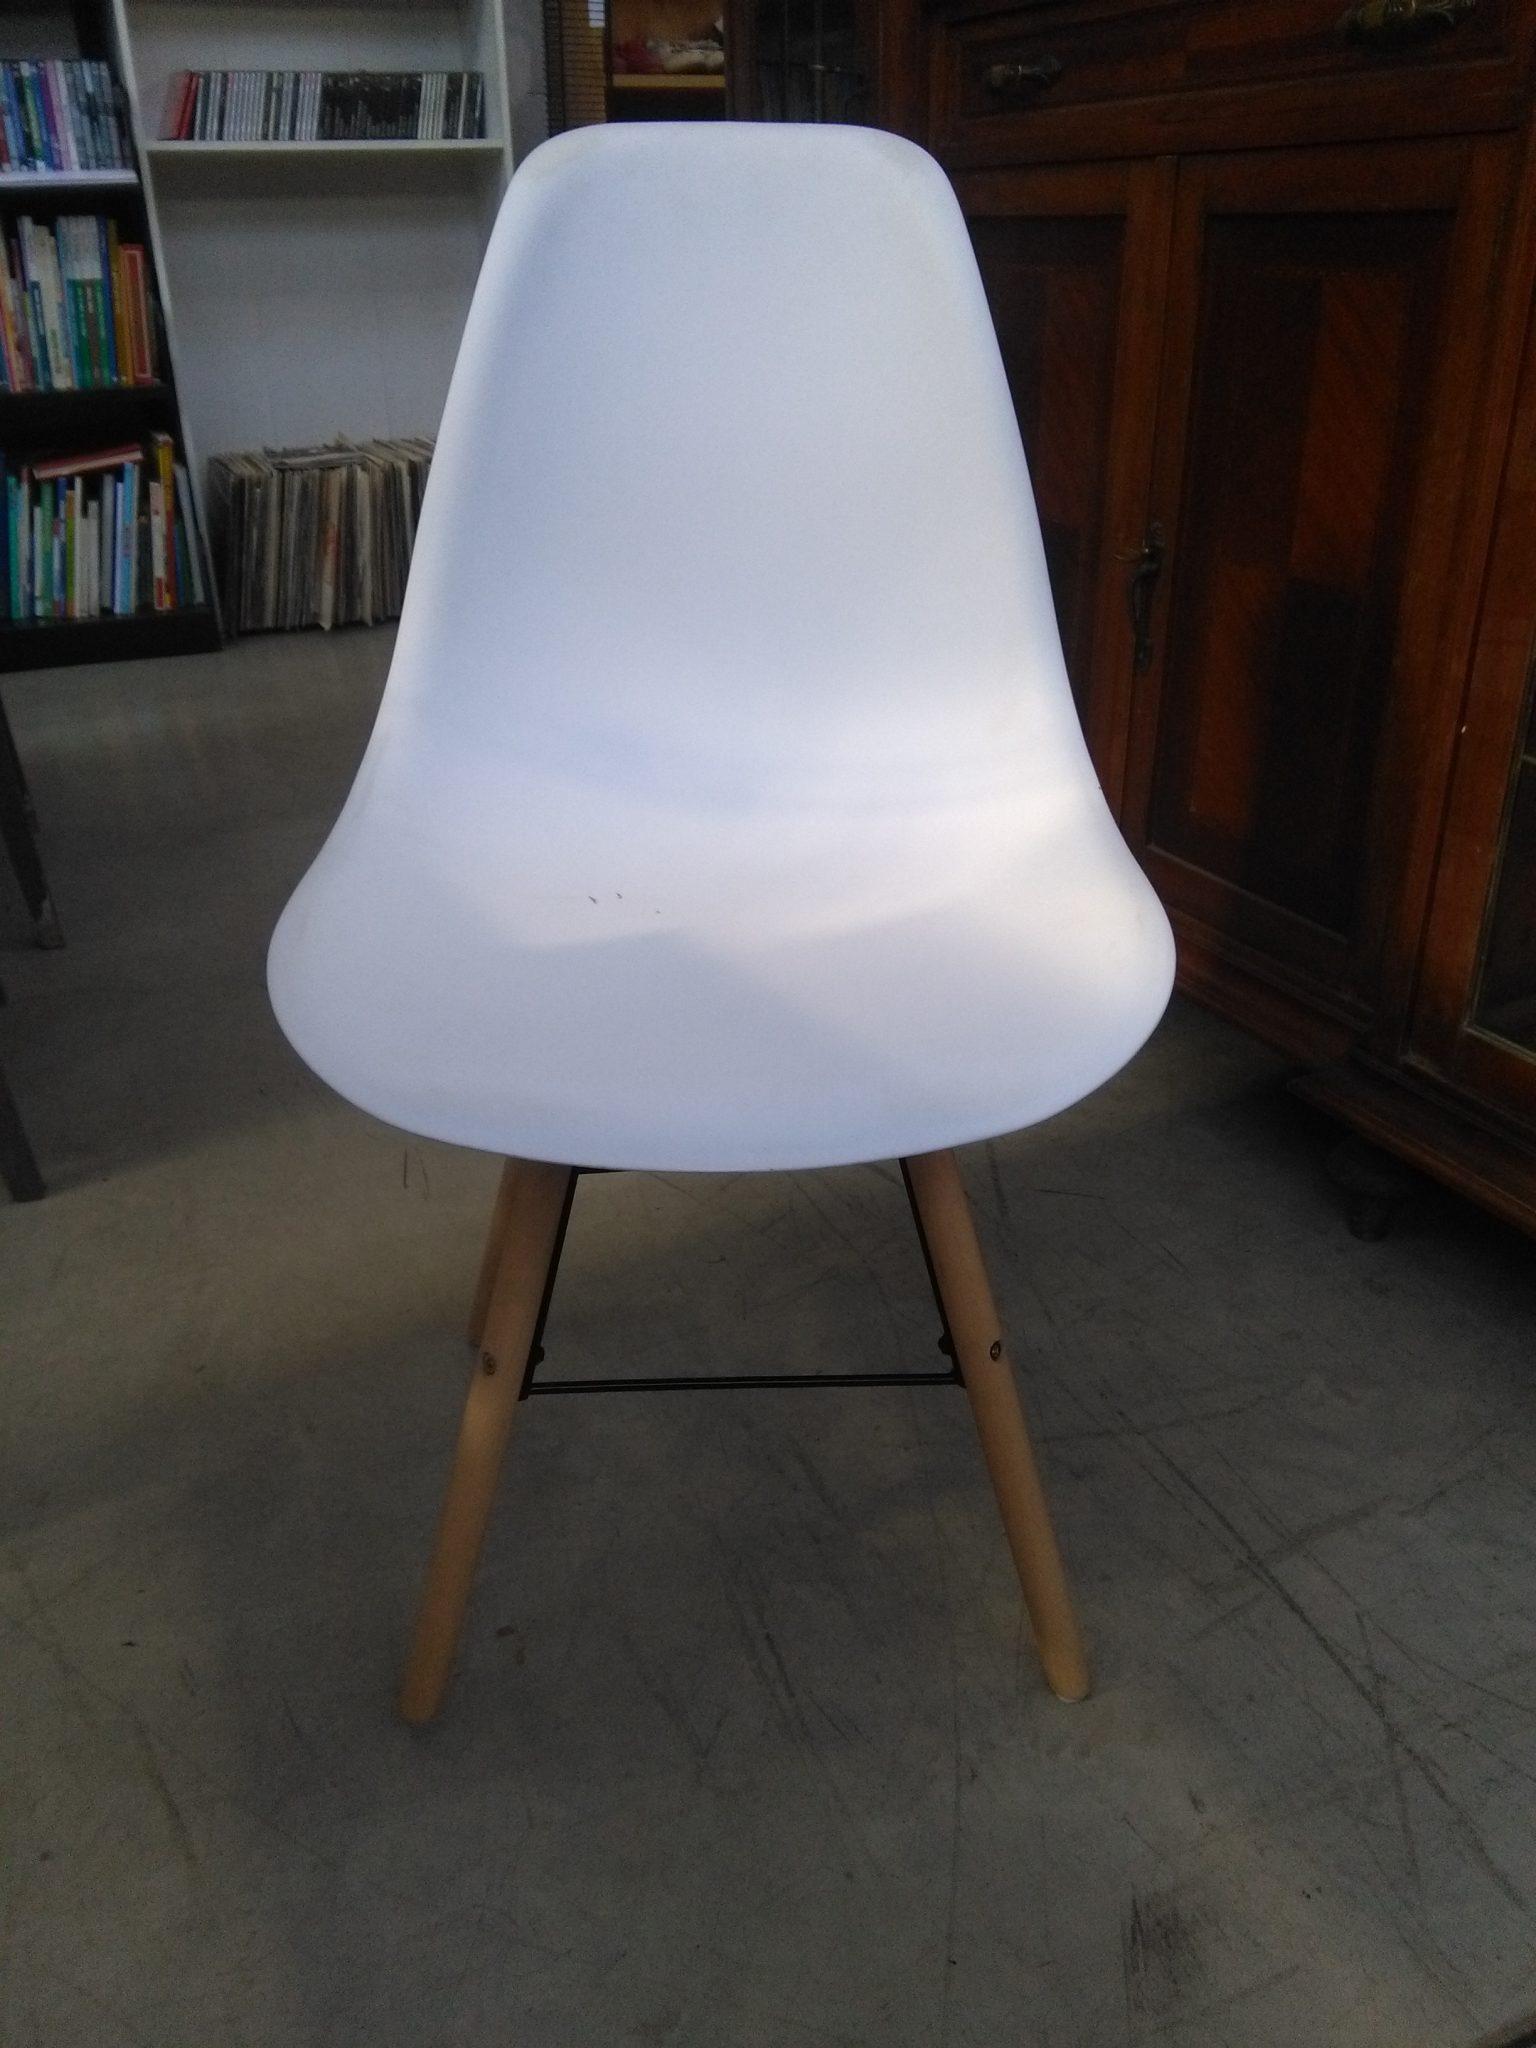 Sedia bianca design moderno si pu fare for Seggiole moderne